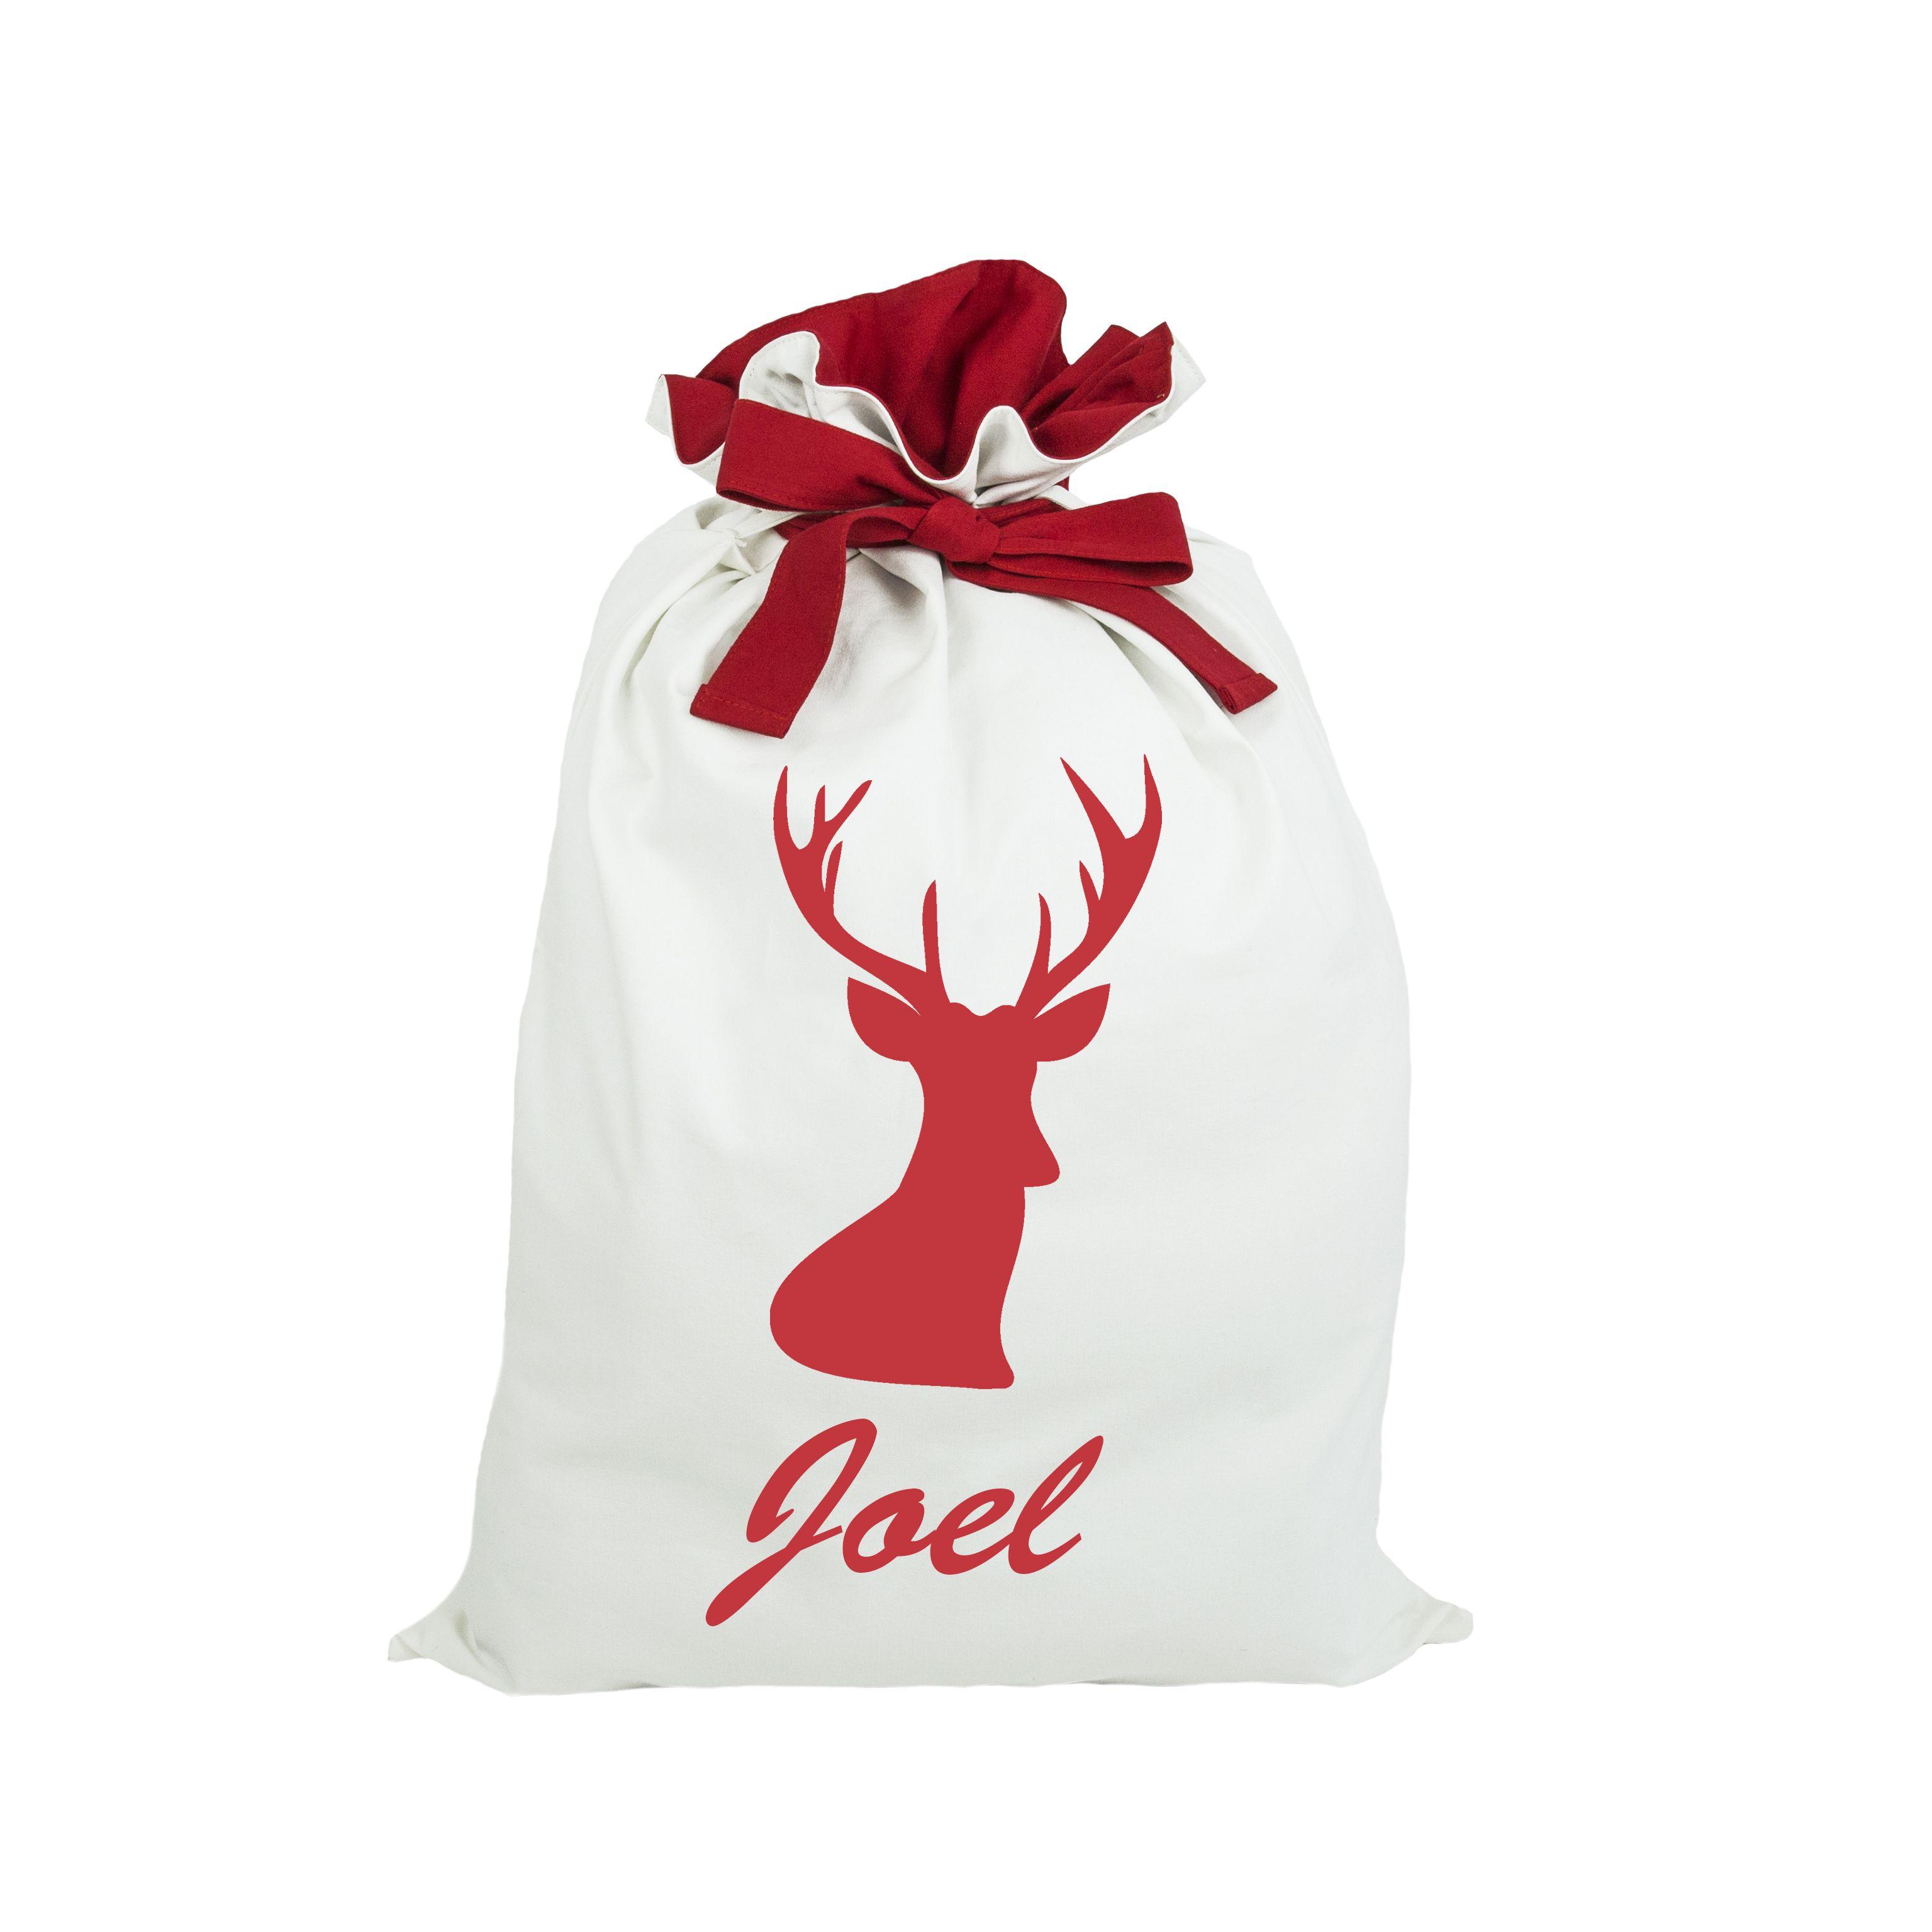 Christmas Santa sack personalised. Red reindeer Santa sack